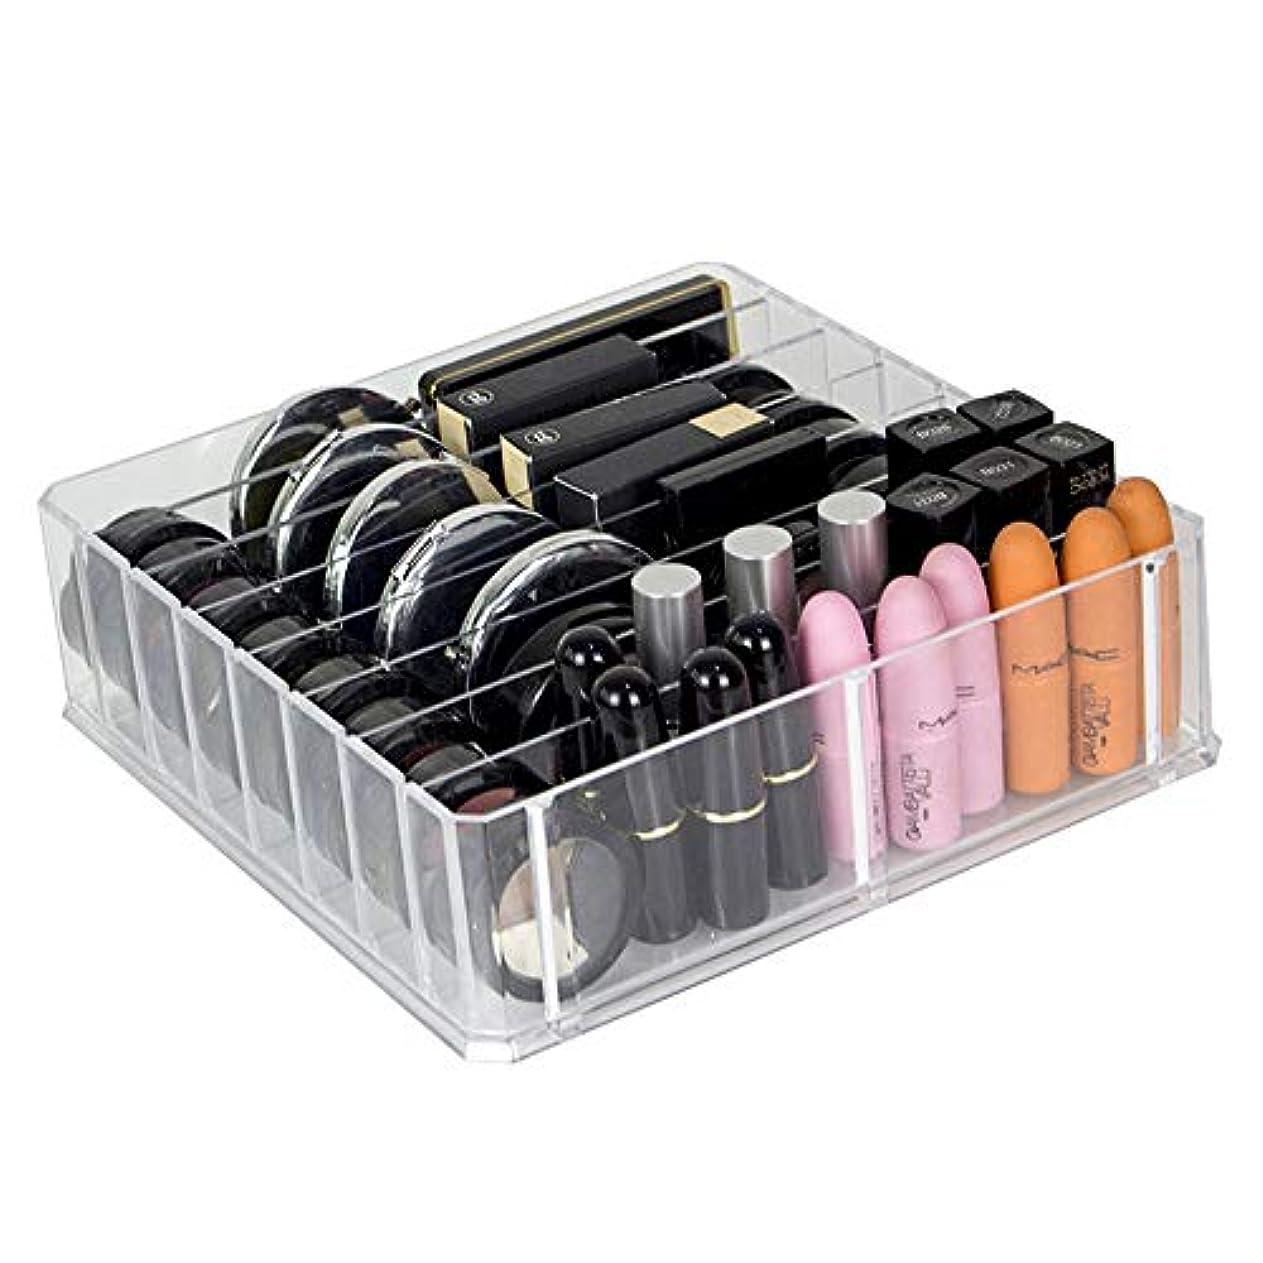 複雑発音するアーサーコナンドイル整理簡単 化粧台、化粧台、化粧台、化粧台、化粧台、化粧台、化粧台、その他 (Color : Clear, Size : 24.6*24*7CM)